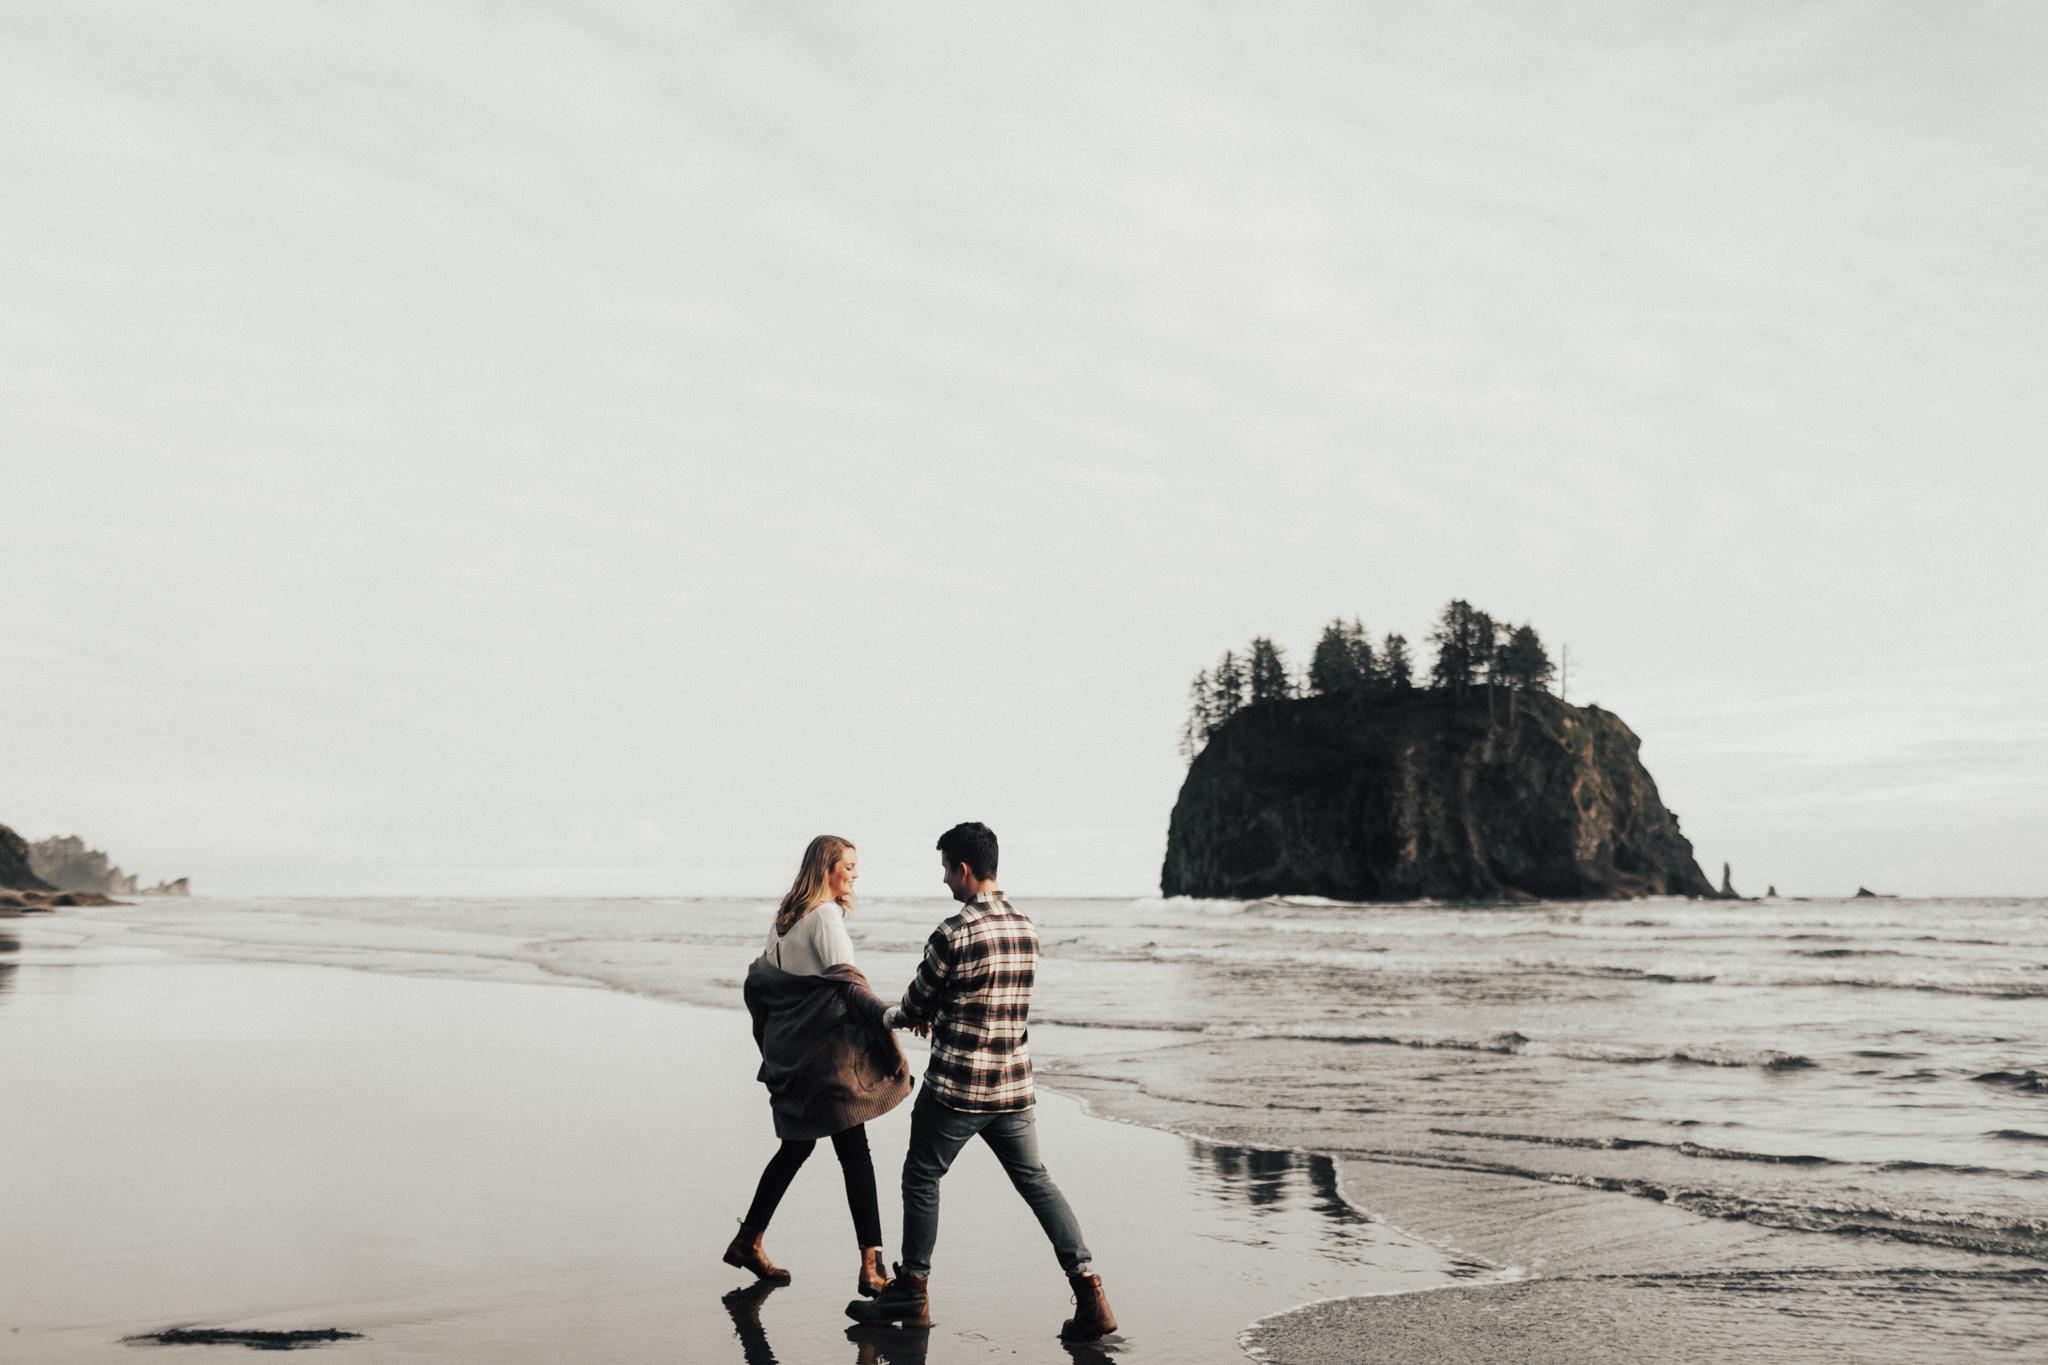 La_Push_Washington_Coast_Engagement-2.jpg